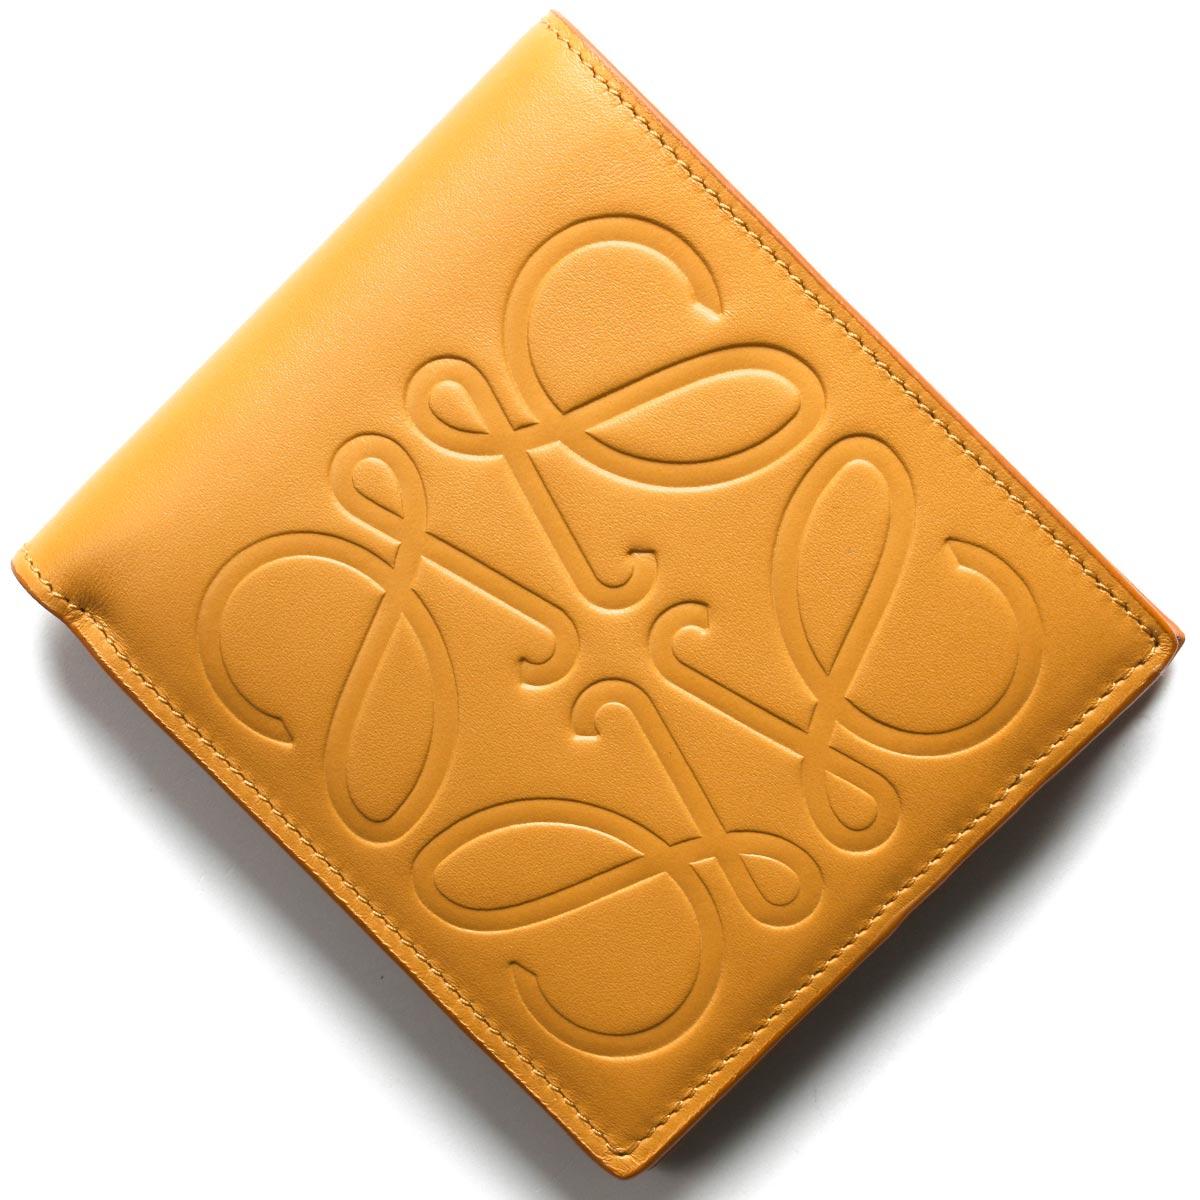 ロエベ 二つ折り財布【札入れ】 財布 メンズ ブランド ハニーブラウン 106 A302 54 3160 2020年春夏新作 LOEWE